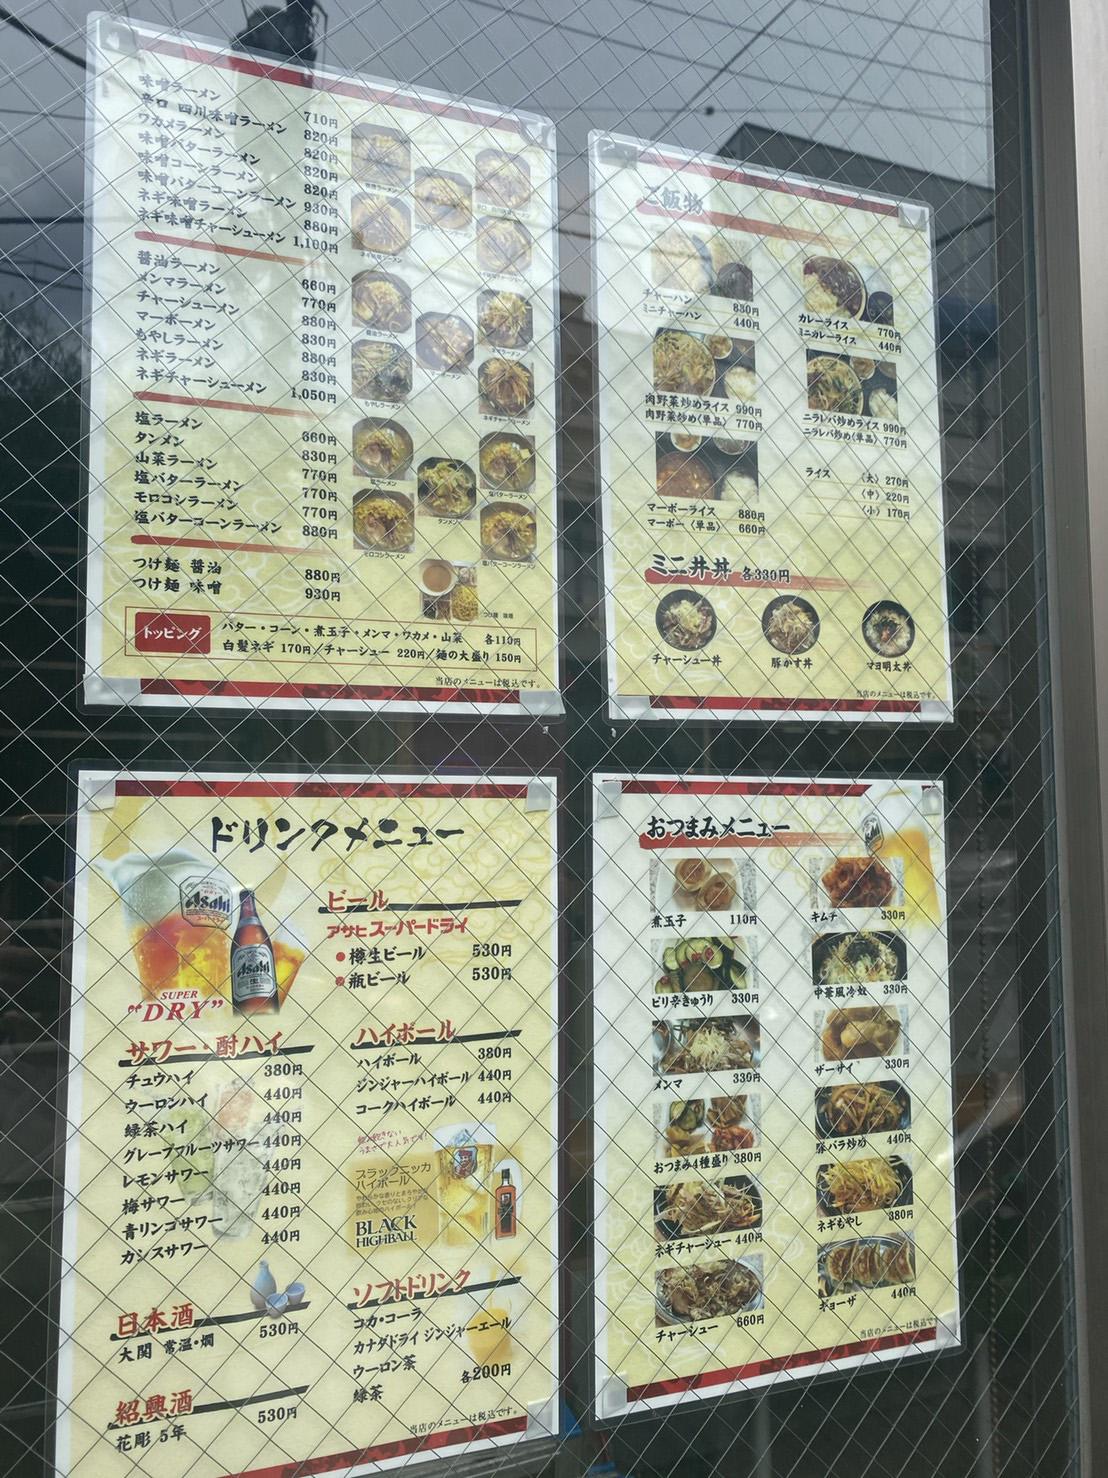 店舗の窓に貼られたメニューの写真